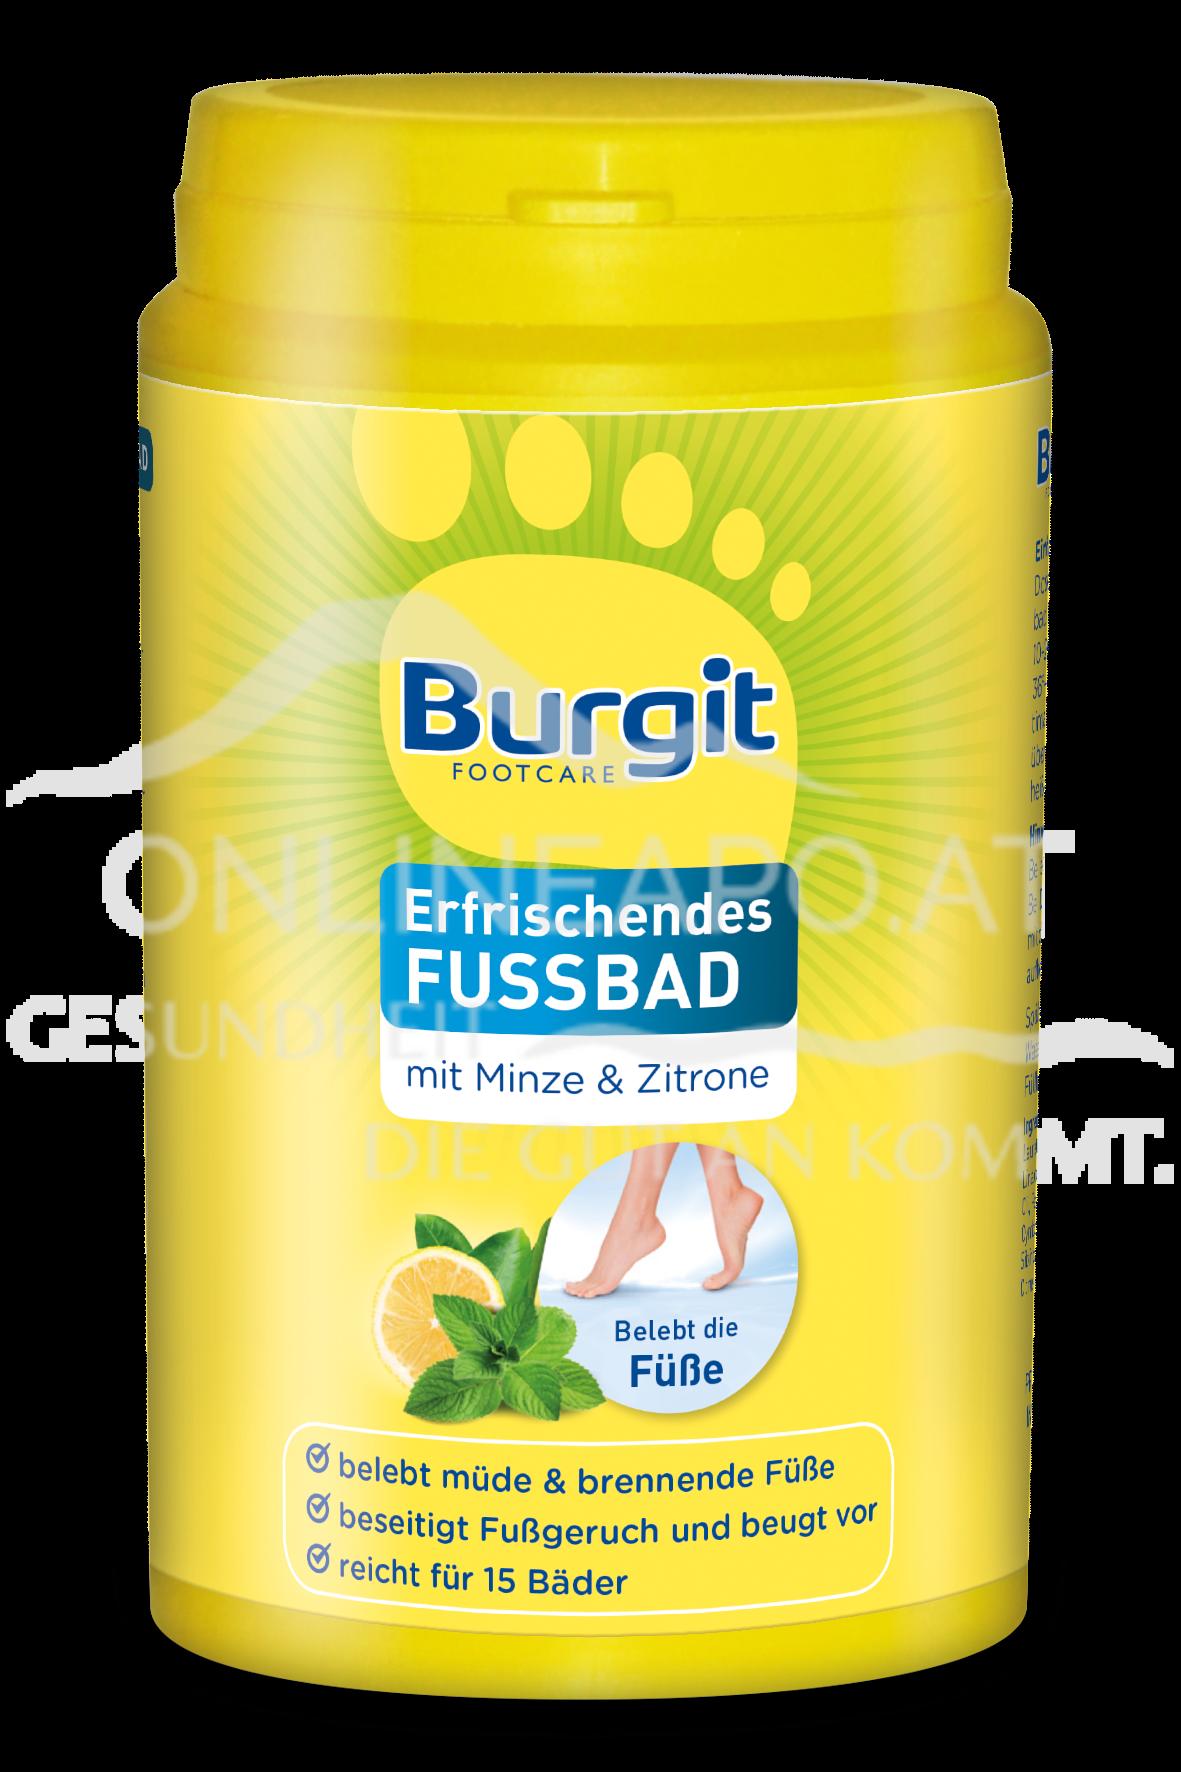 Burgit Erfrischendes Fußbad mit Minze & Zitrone